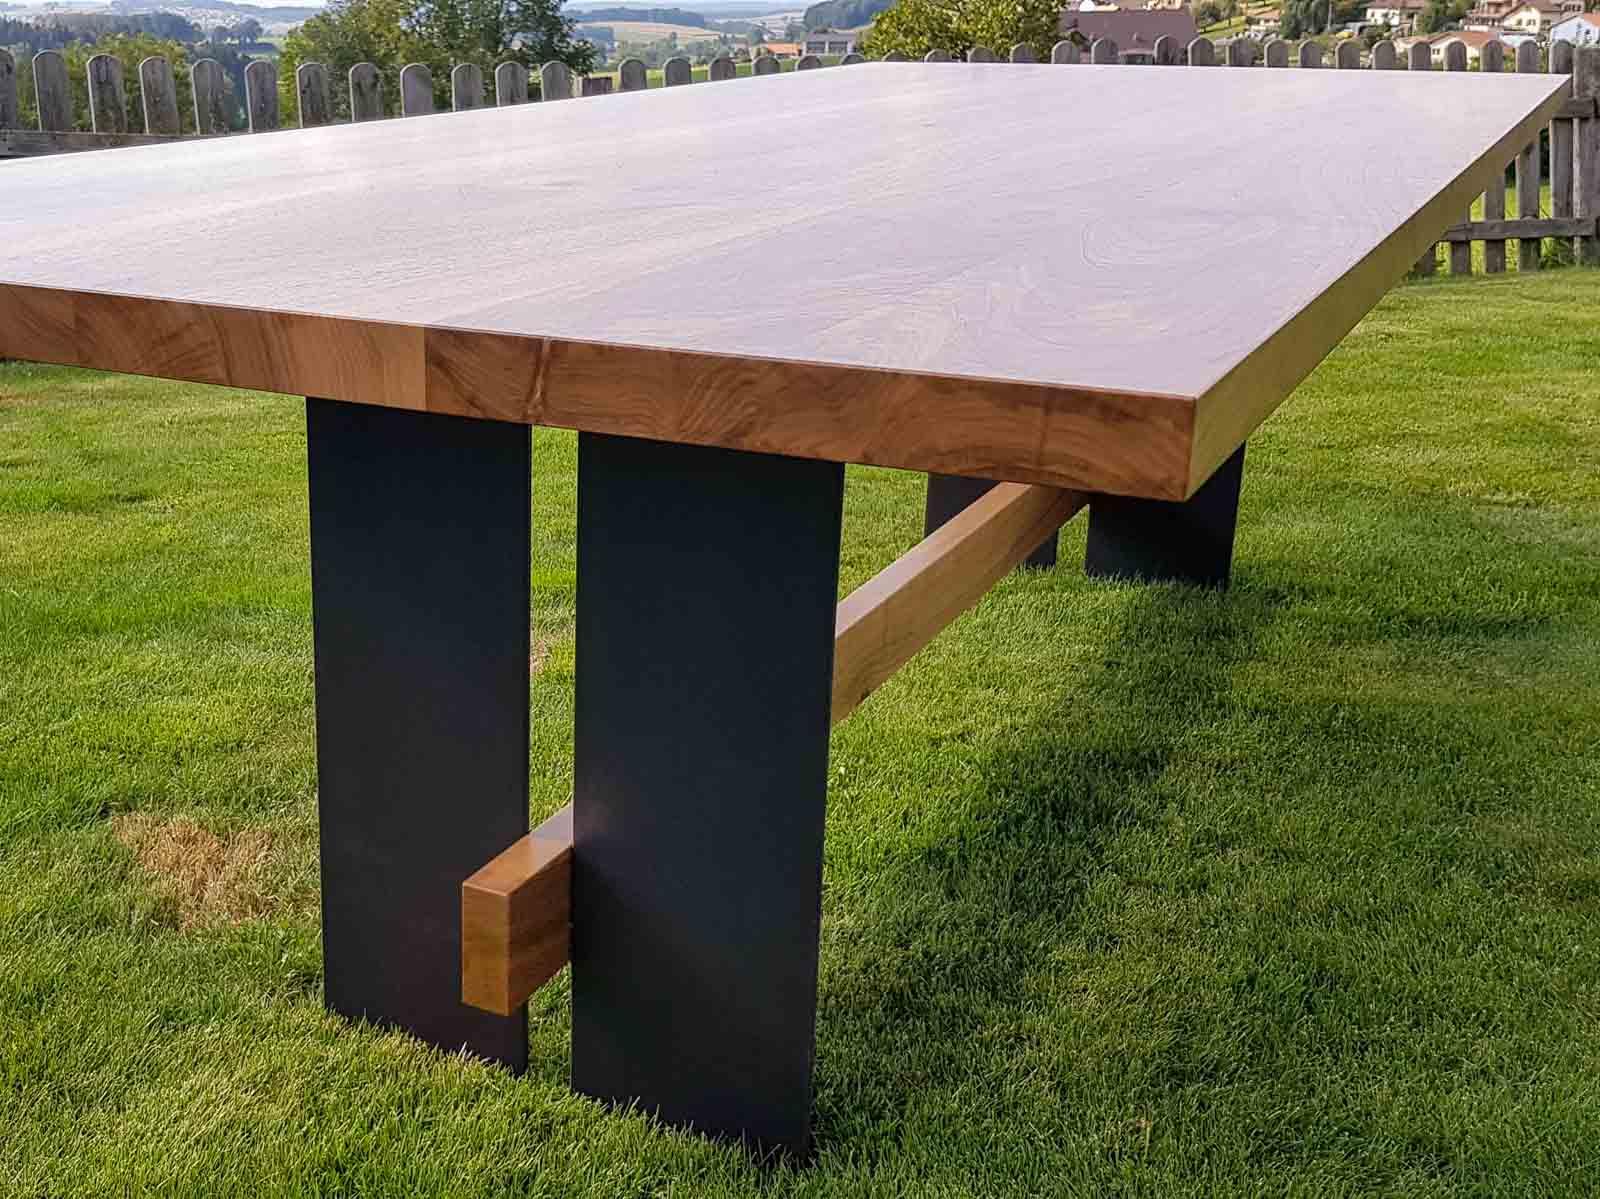 Wooddesign_Tisch_Eiche massiv_Schwarzstahl_Beine innen_Taverse (1)